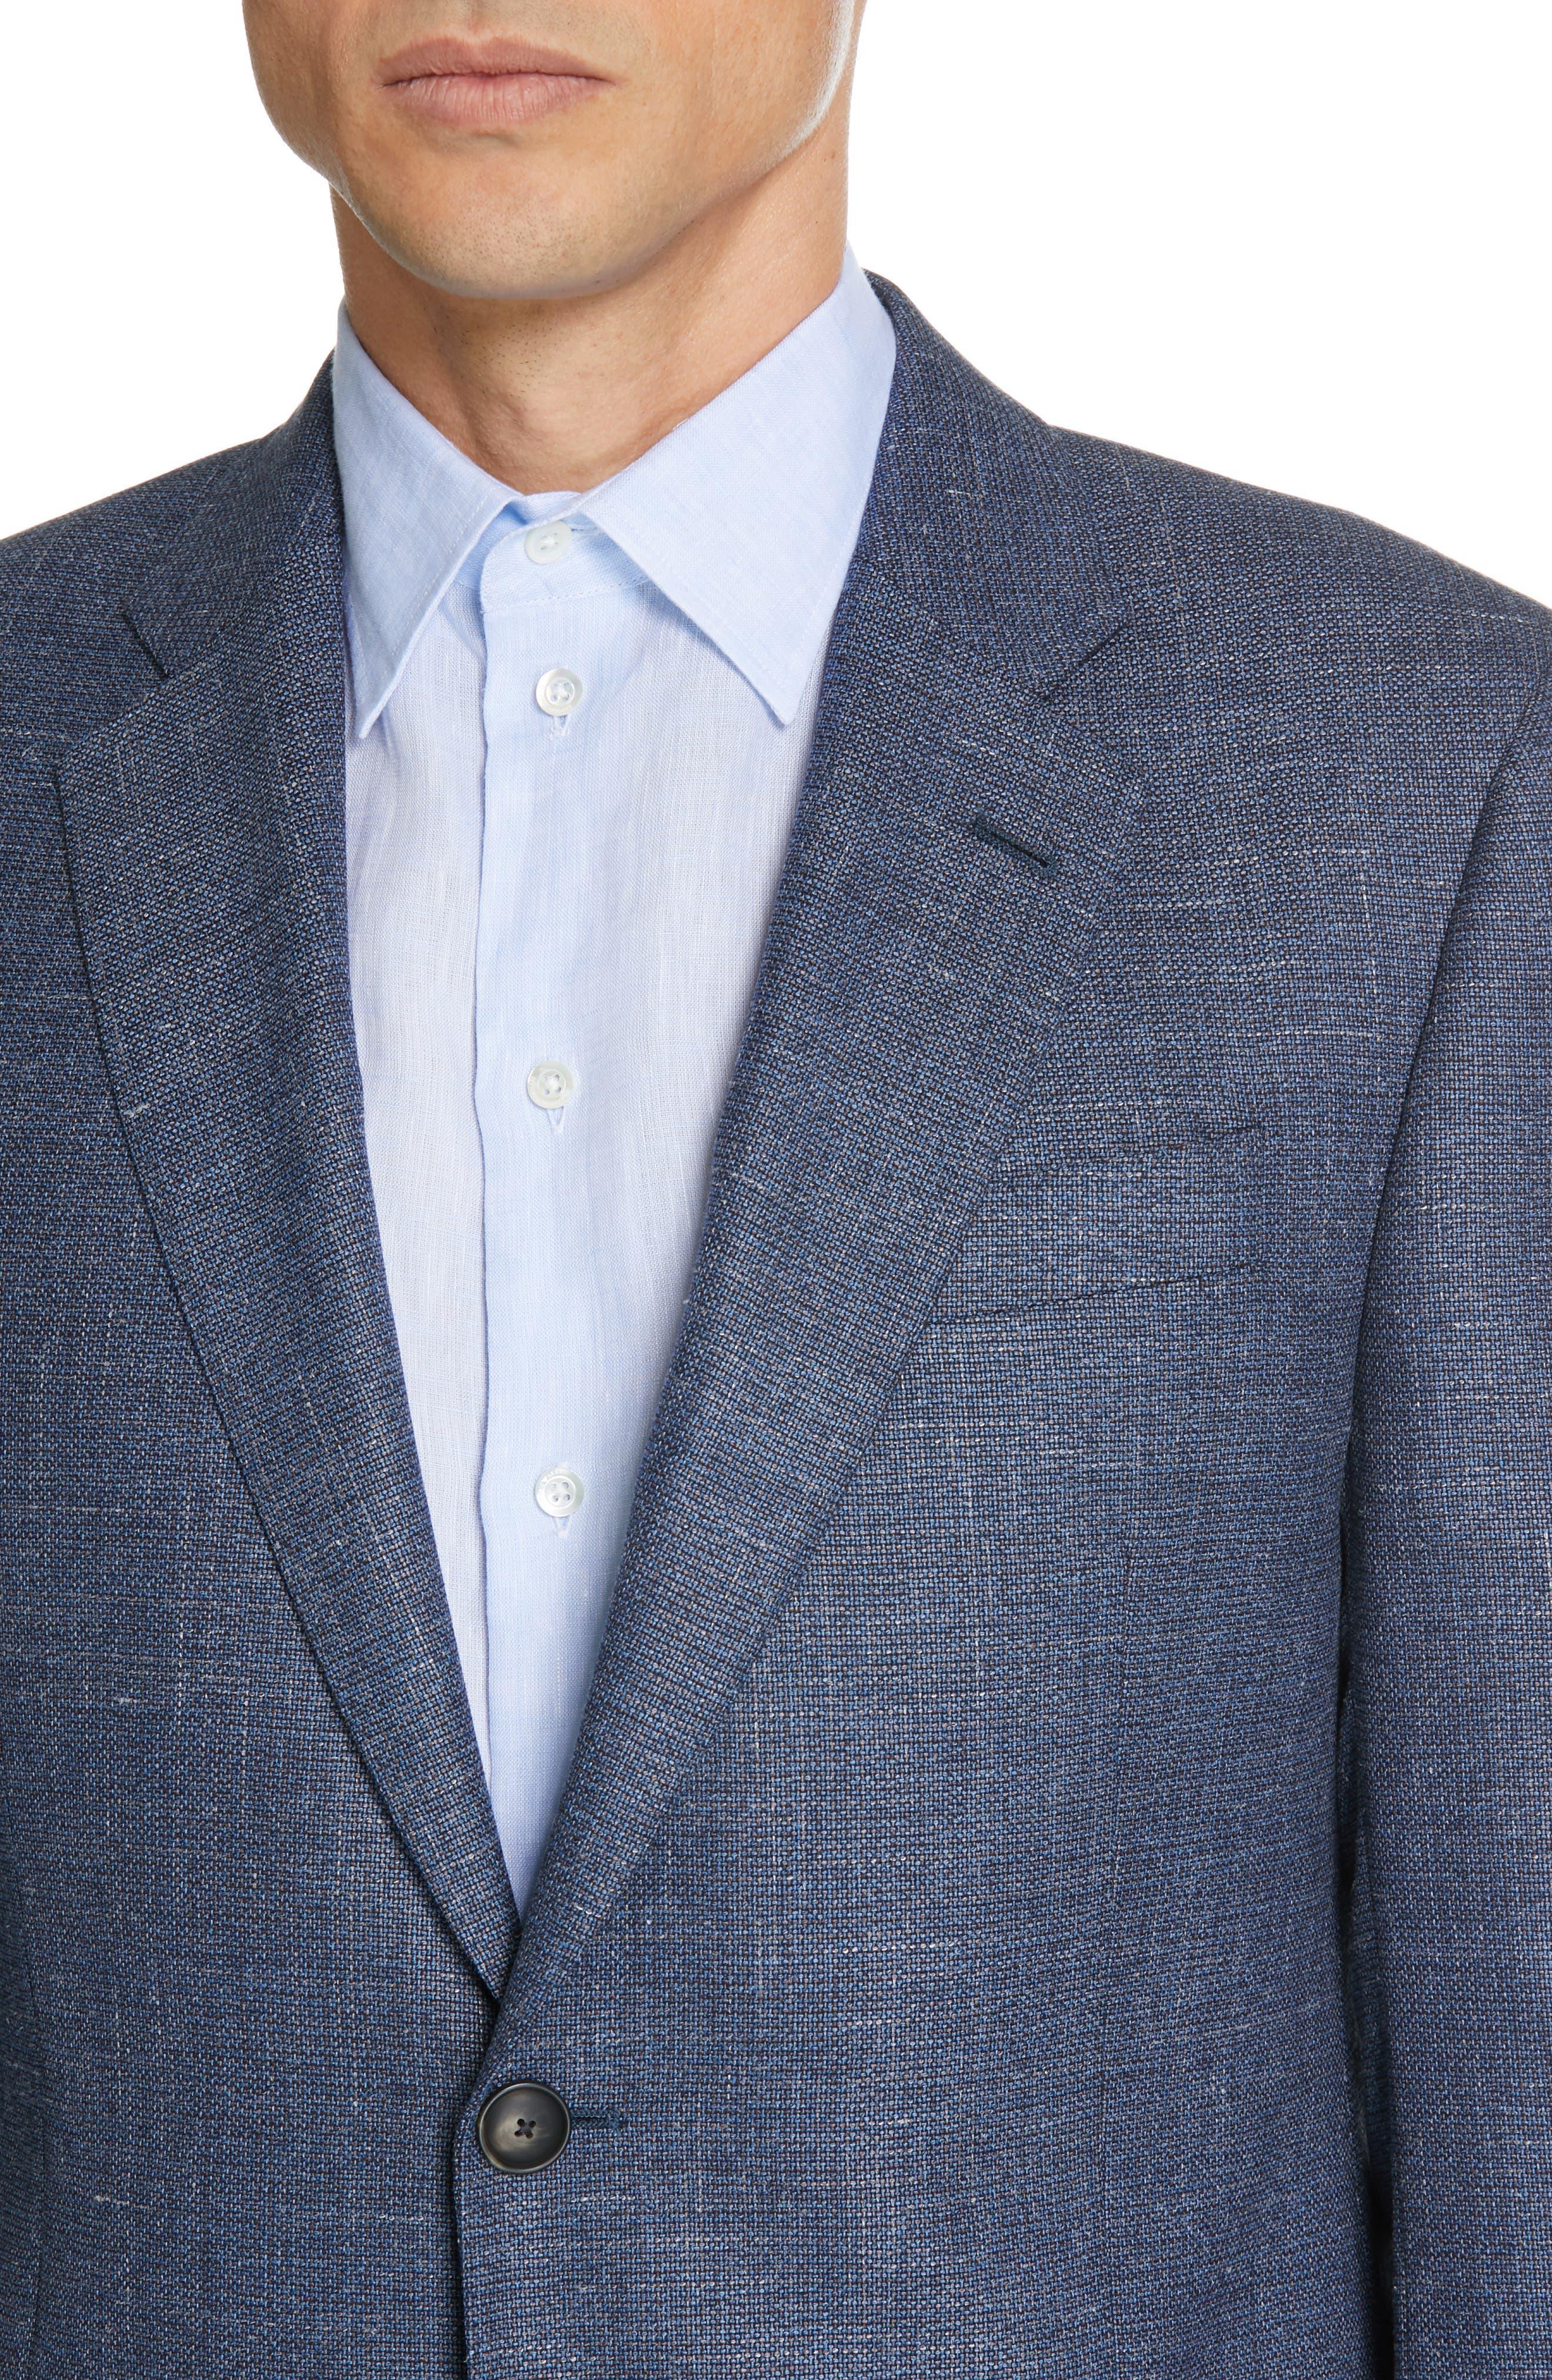 Trim Fit Wool Blend Sport Coat,                             Alternate thumbnail 4, color,                             FANCY BLUE